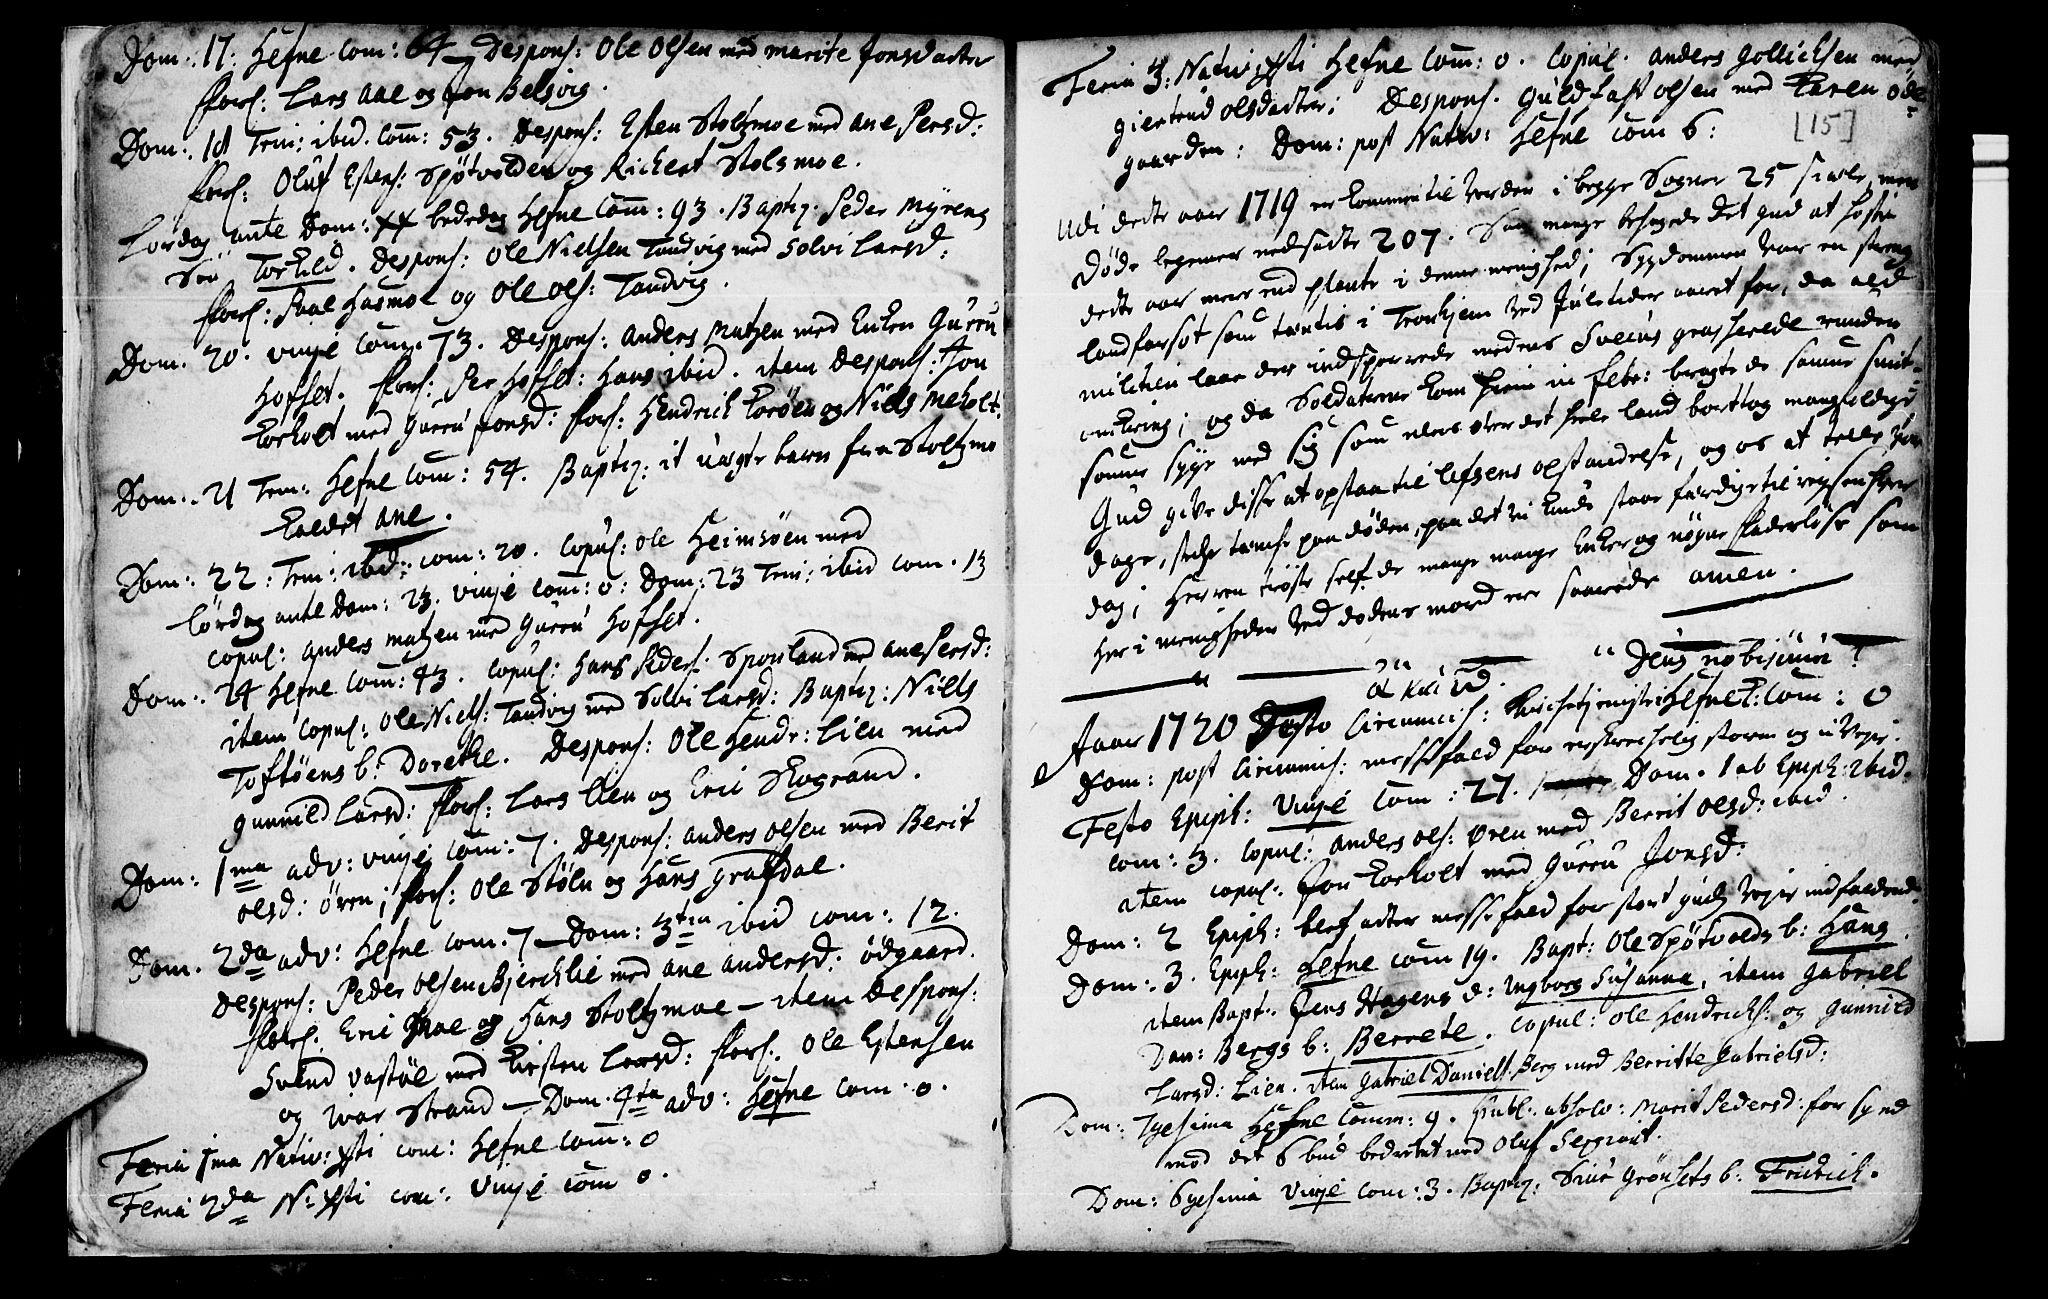 SAT, Ministerialprotokoller, klokkerbøker og fødselsregistre - Sør-Trøndelag, 630/L0488: Ministerialbok nr. 630A01, 1717-1756, s. 14-15